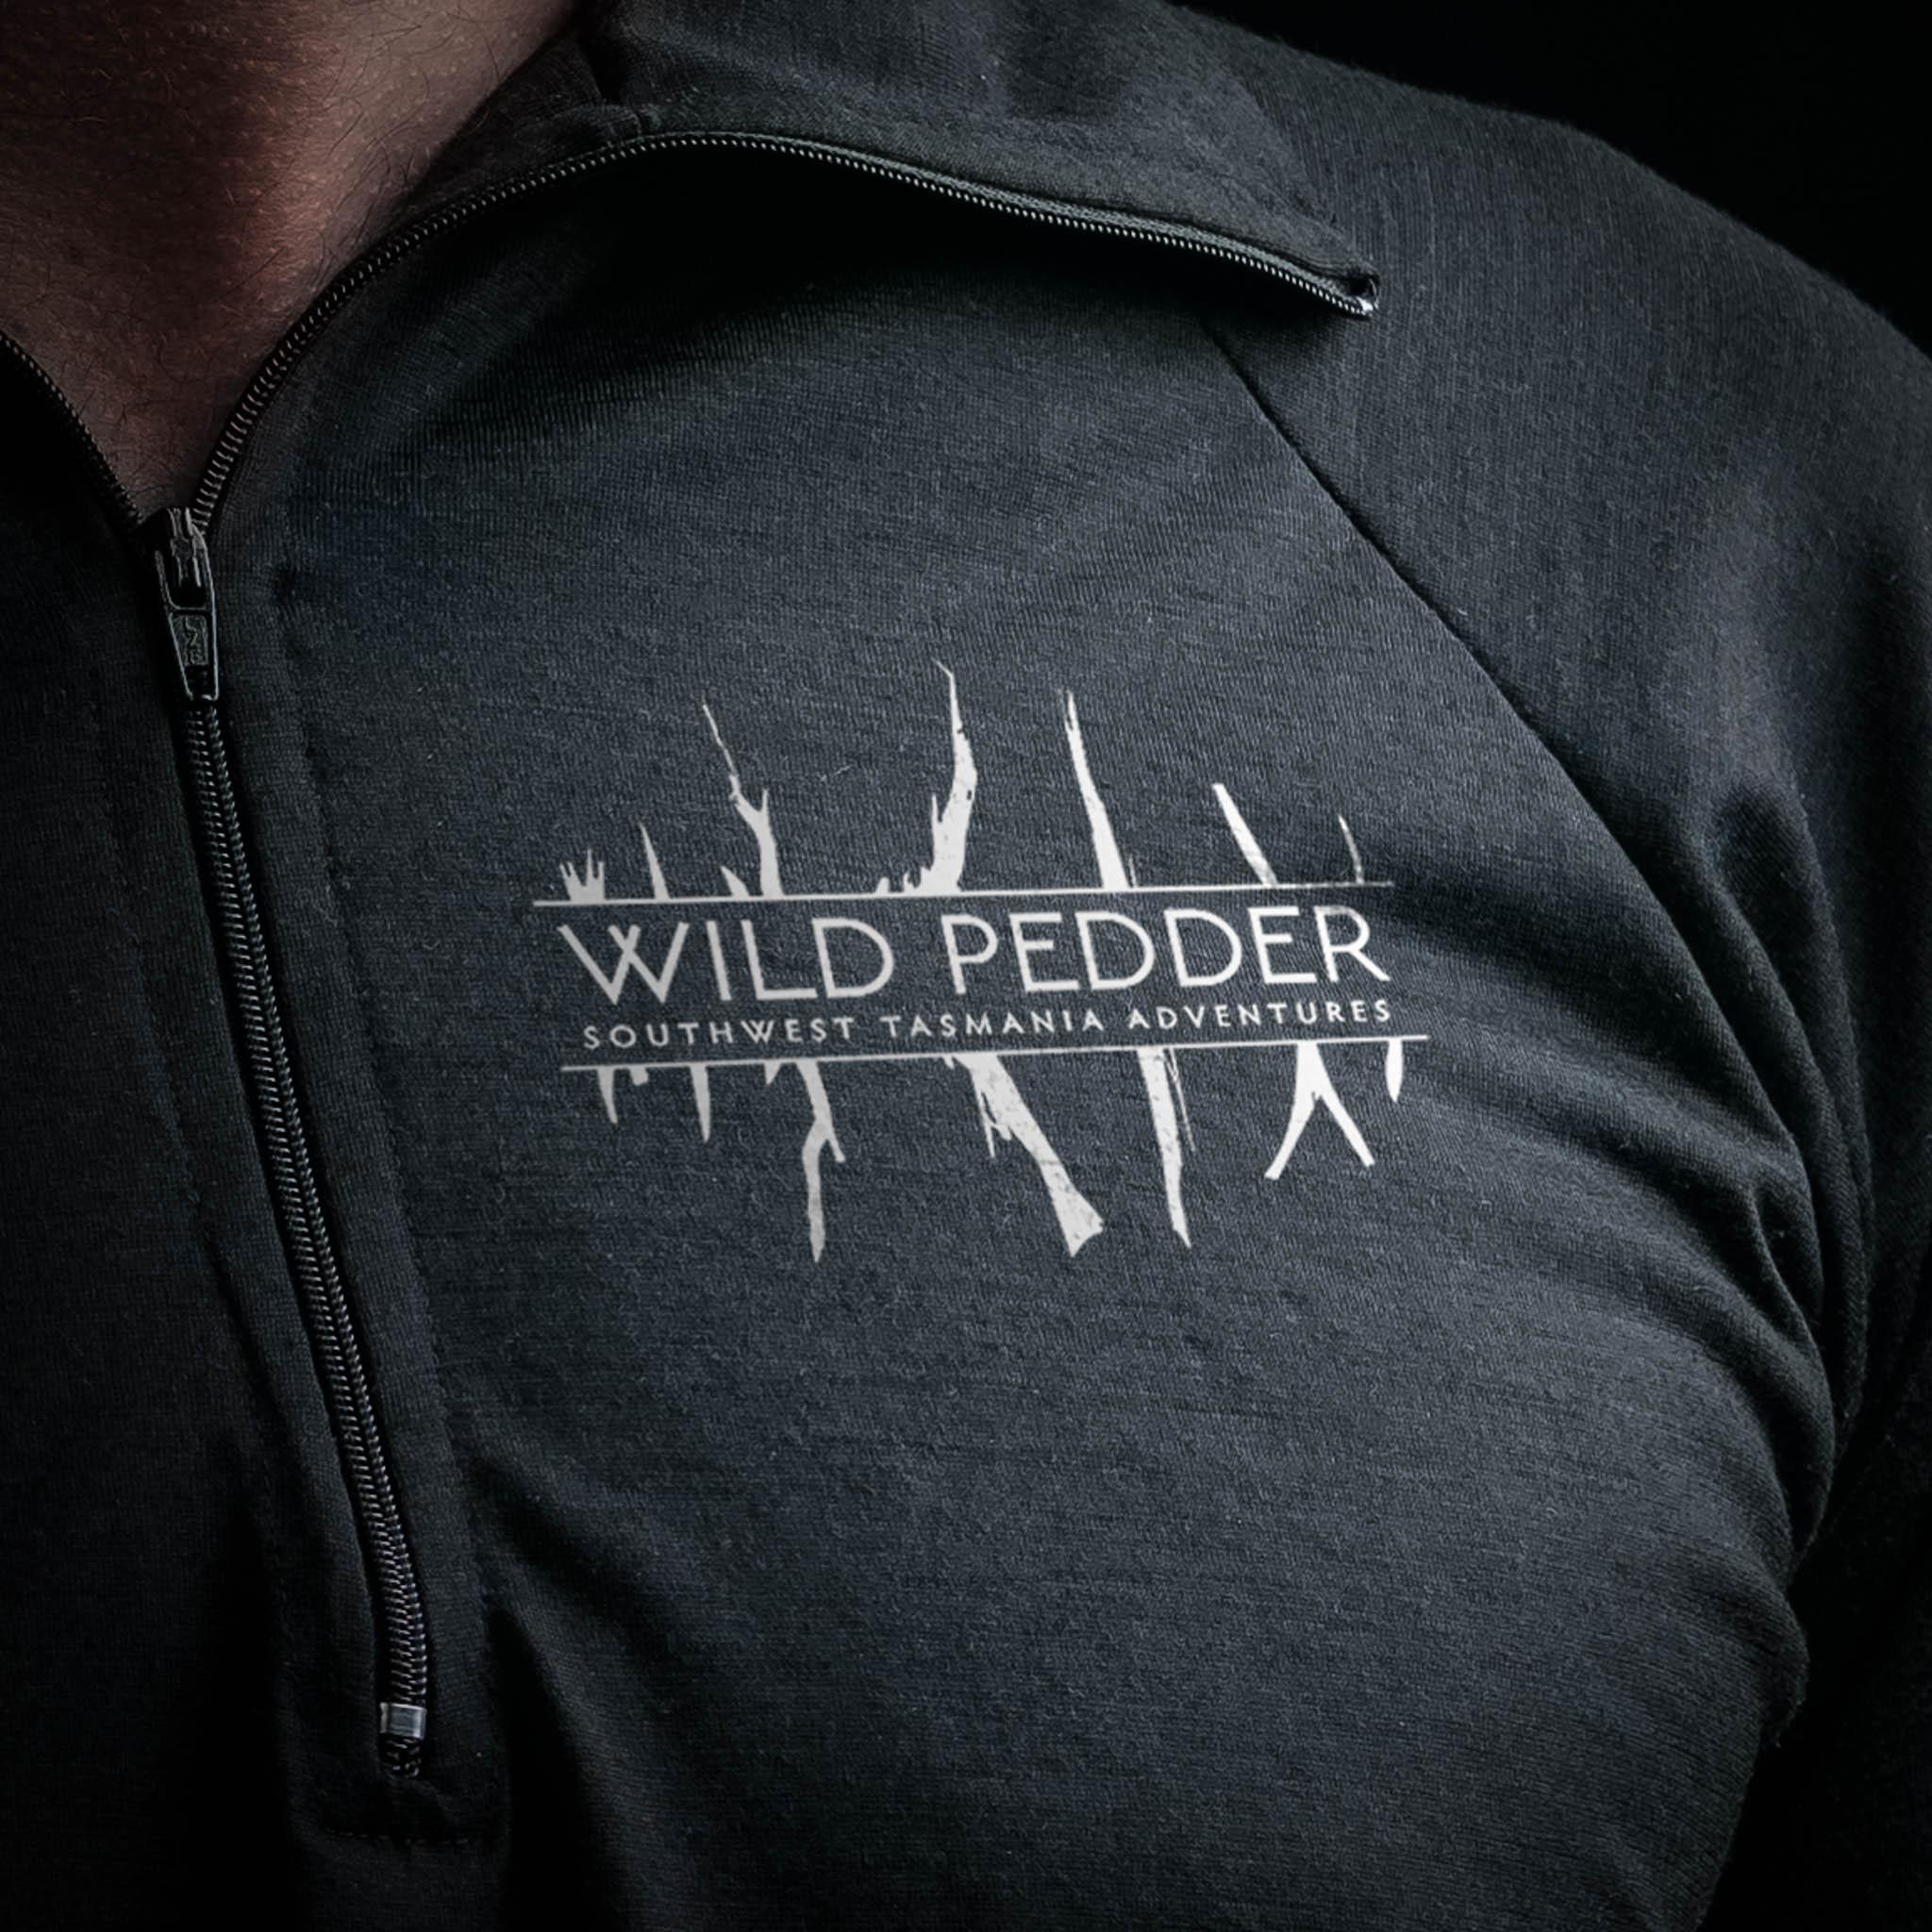 WildPedder_Jumper_13.11.20180047-Edit_WebRes-2.jpg